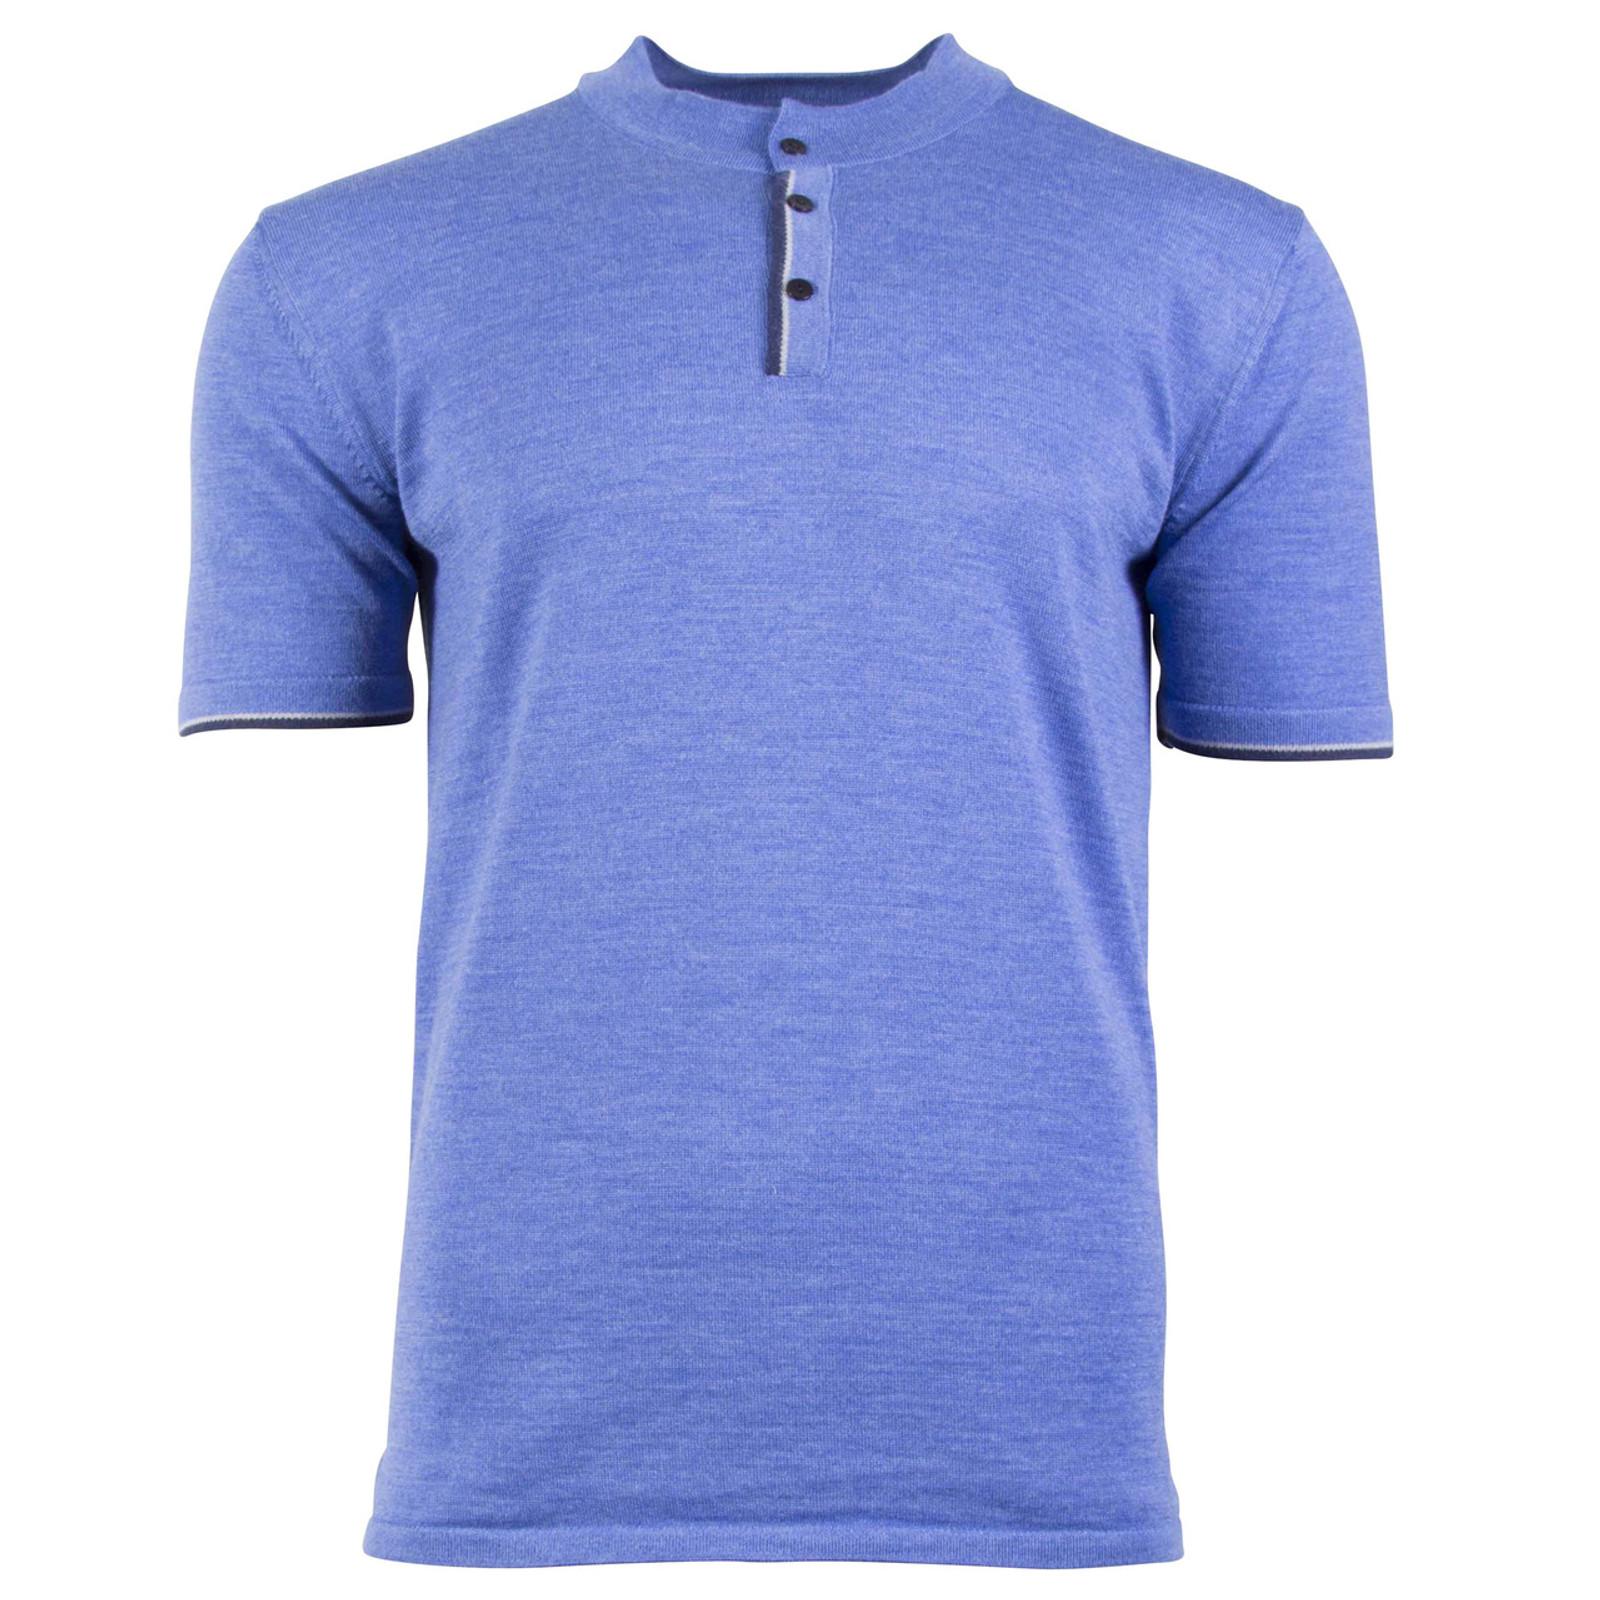 Dale of Norway Fredrik Ladies T-shirt, in Medium Blue Mel/Light Grey/Off White Mel/Navy Mel, 93771-H